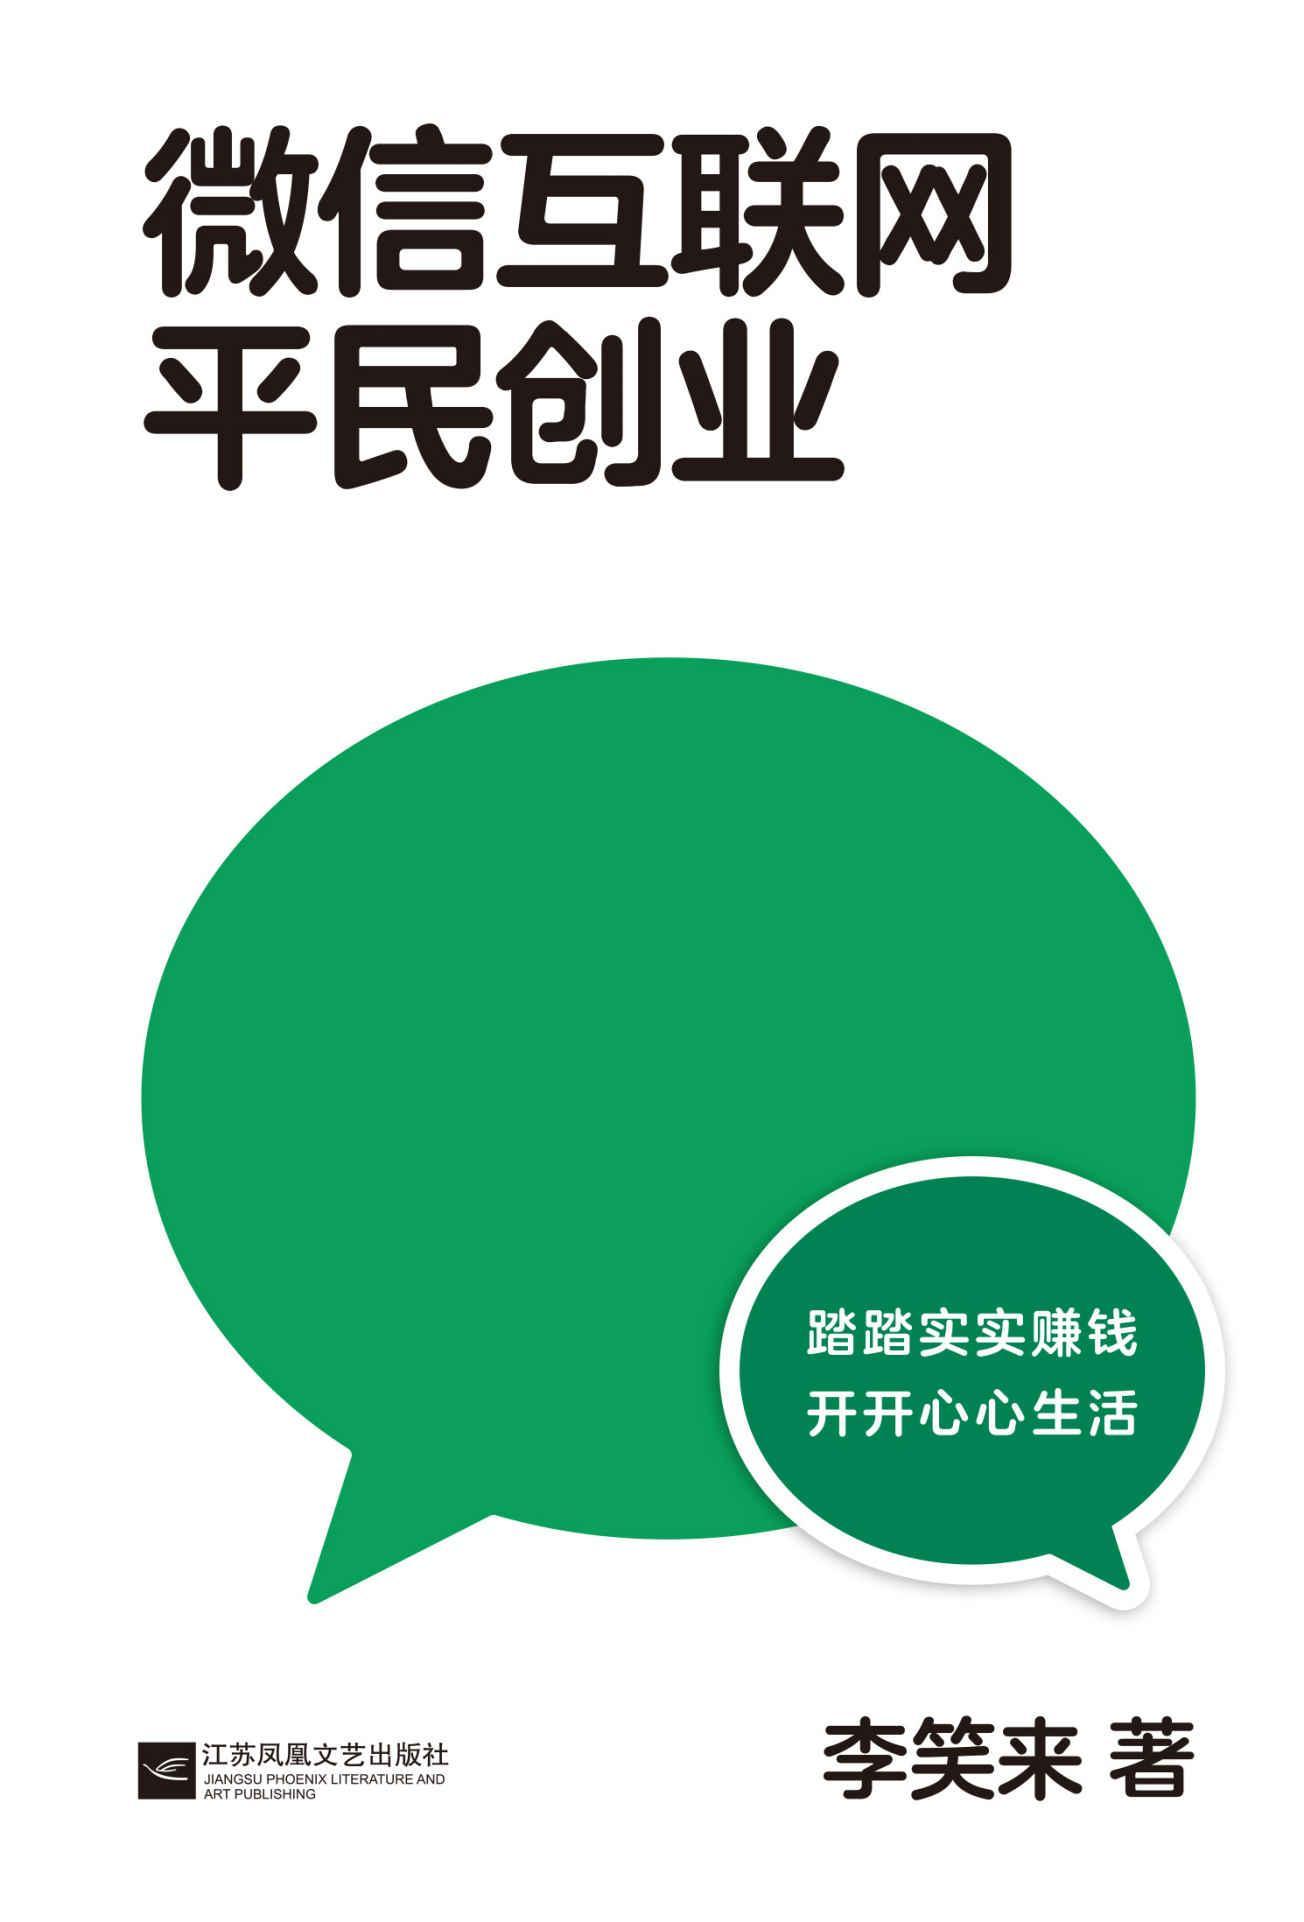 微信互联网平民创业 李笑来 pdf-epub-mobi-txt-azw3